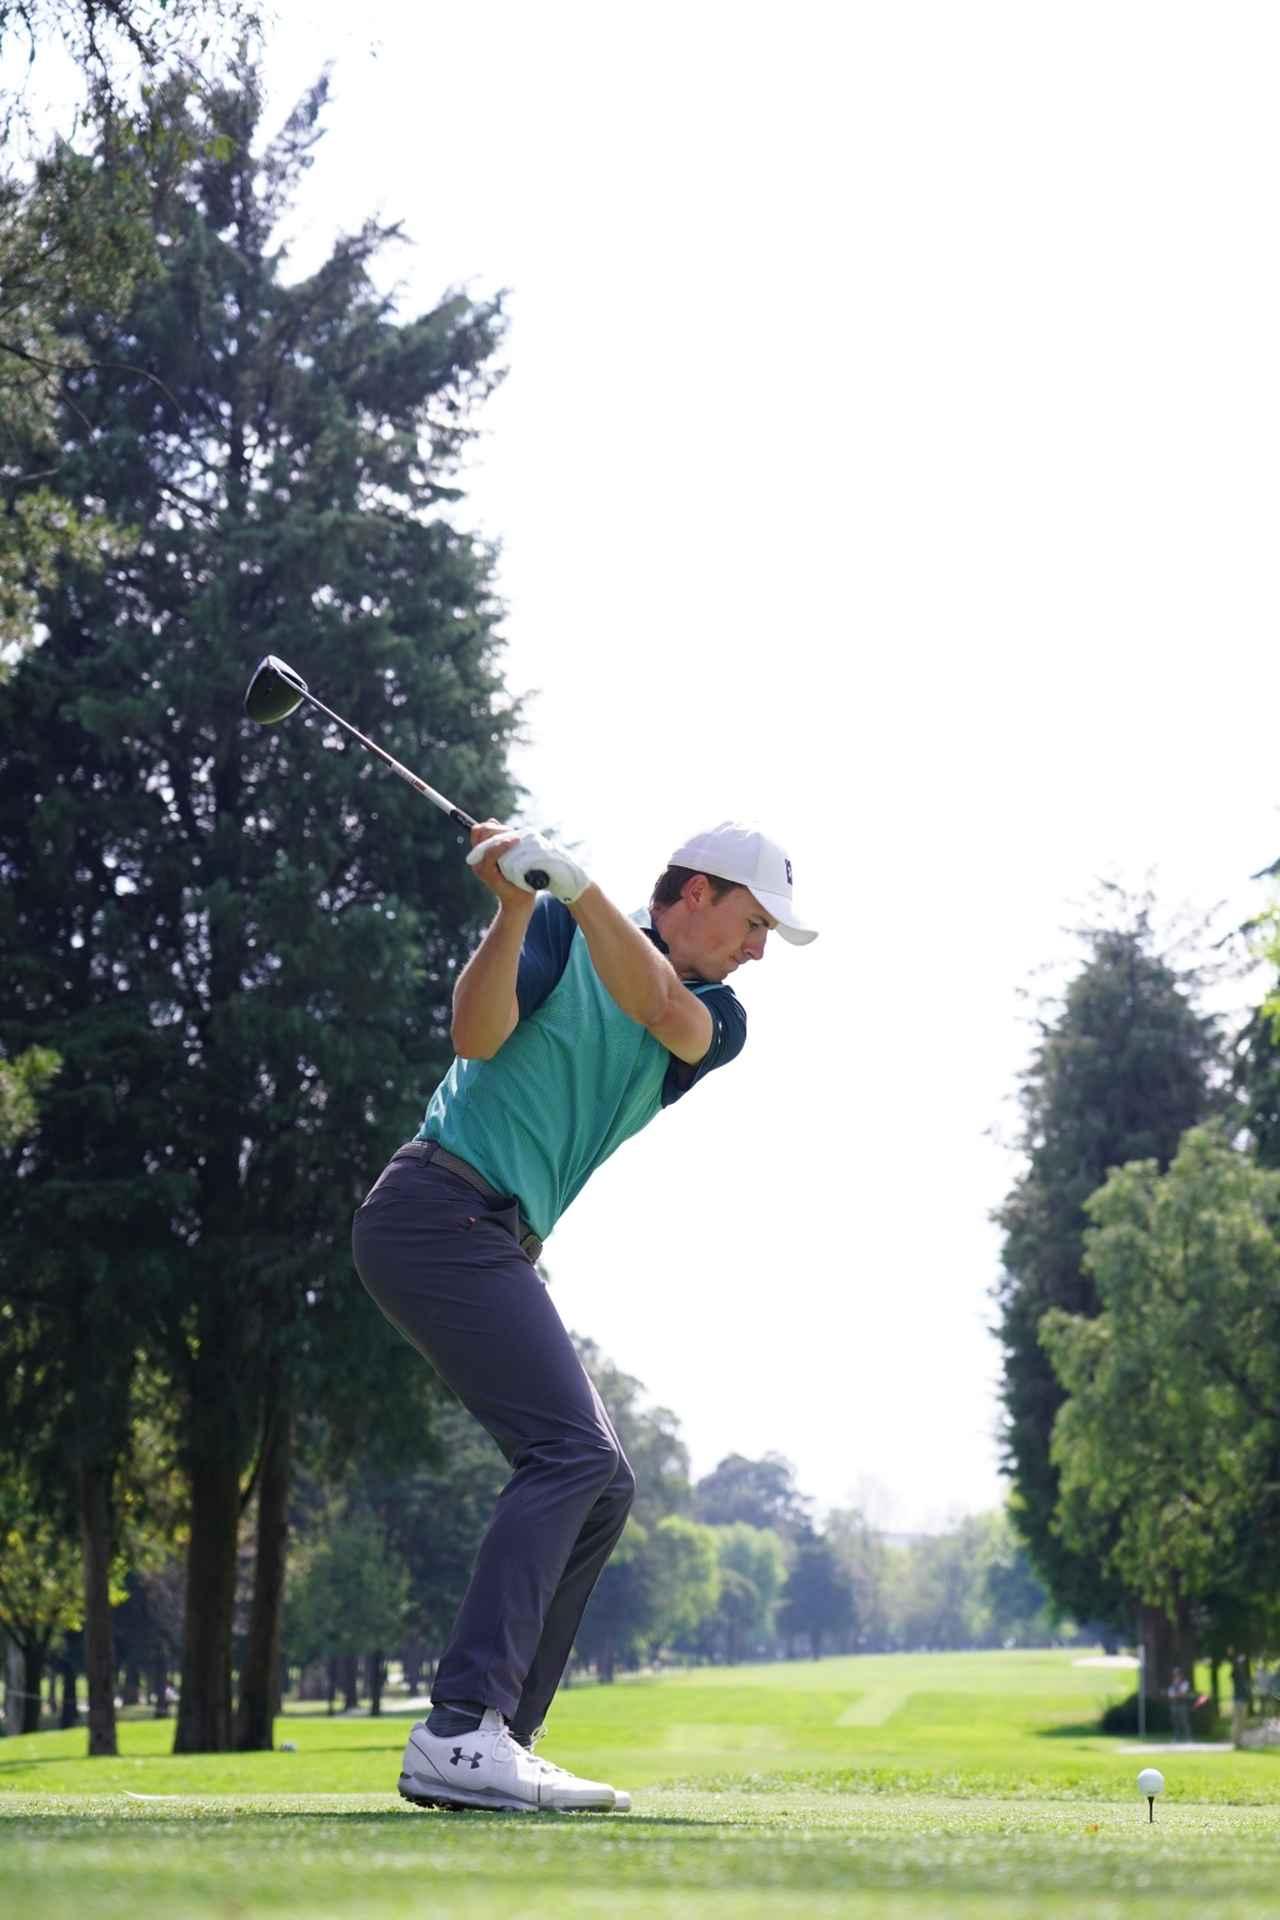 Images : 6番目の画像 - 2年ぶりに勝利を掴むことができるか!?ジョーダン・スピースのドライバー連続写真 - みんなのゴルフダイジェスト